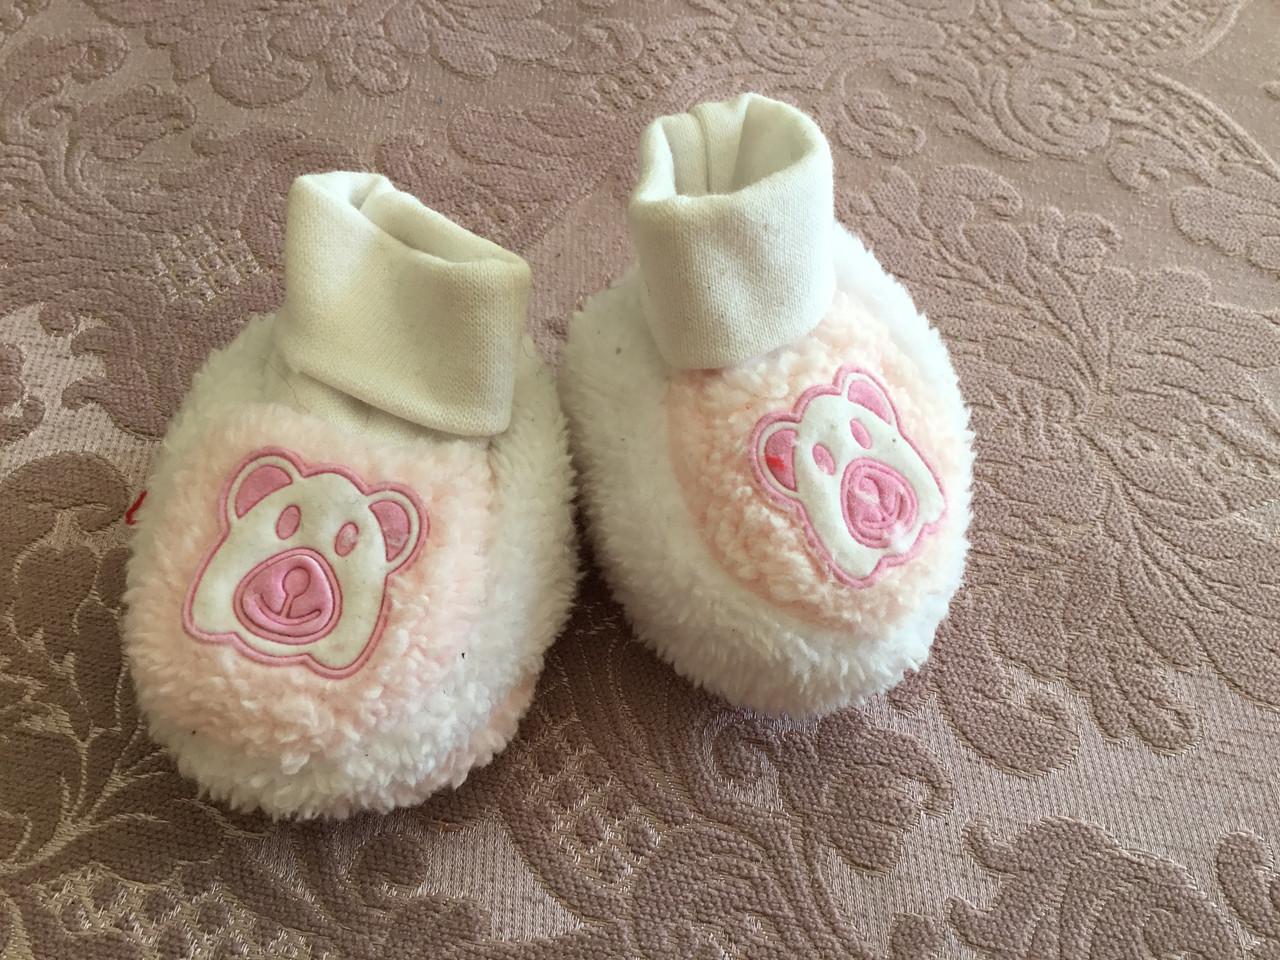 Обувь для новорождённого. Пинетки тёплые